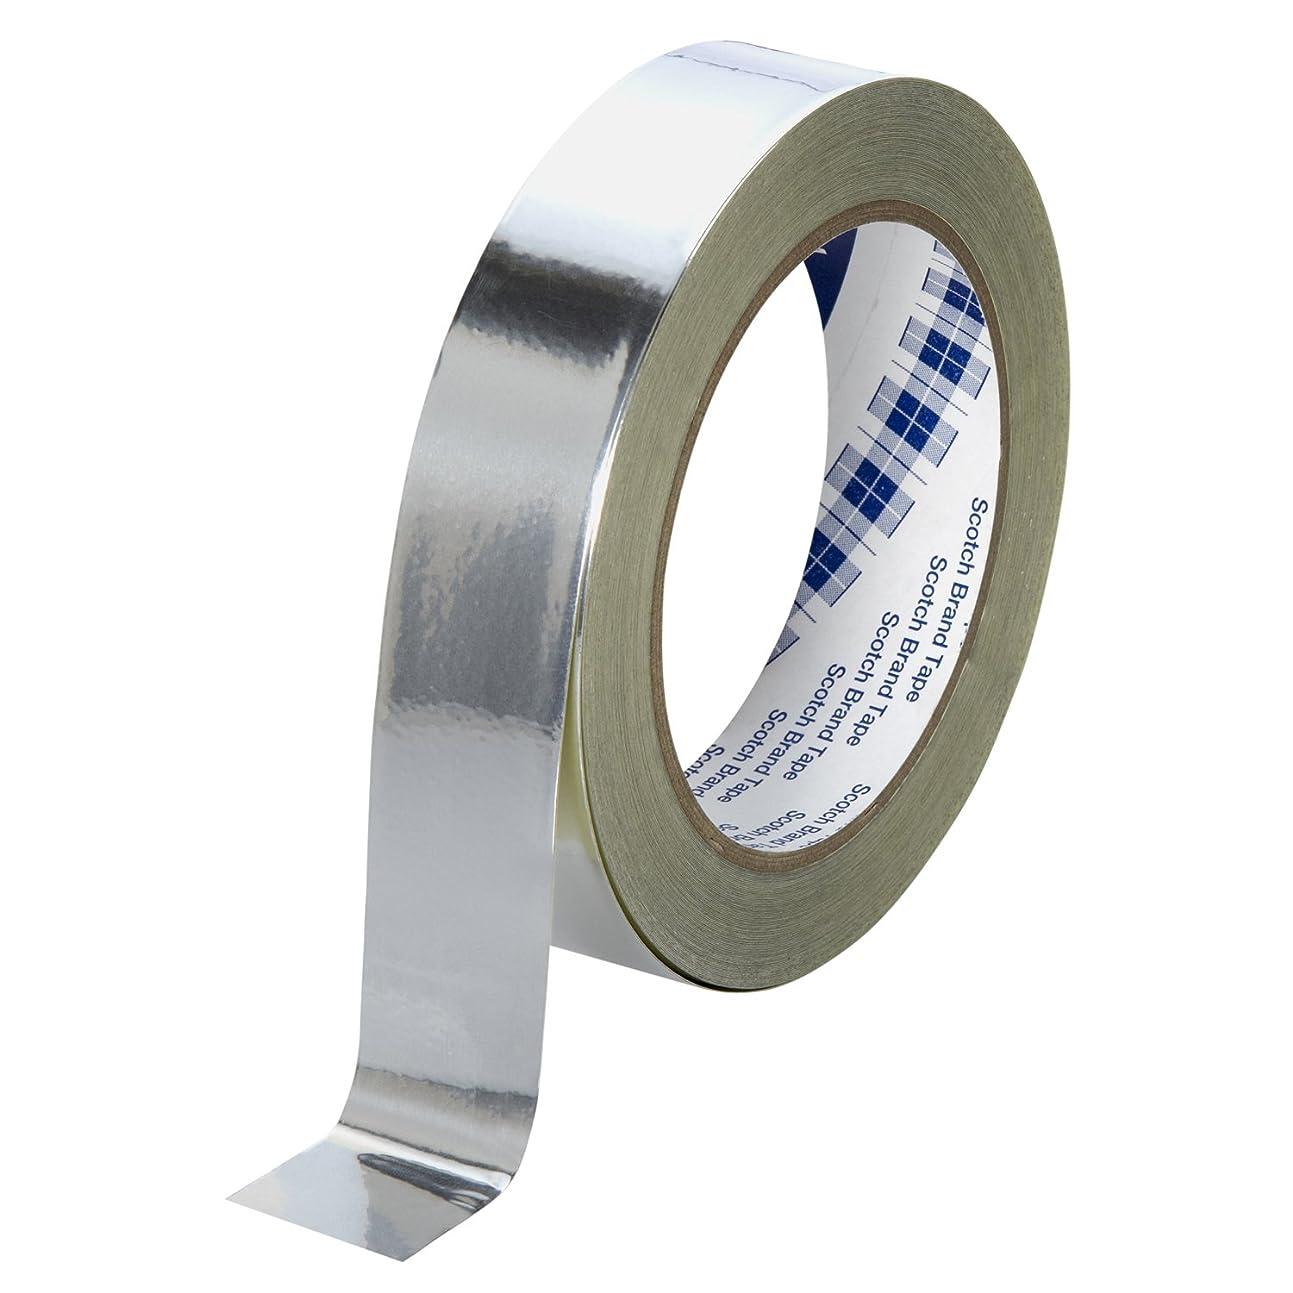 オーバーヘッドスクランブル入力サンワサプライ 超極細繊維ハイテククロス 液晶画面/スマホ/メガネ/レンズ 30×40cm 大判タイプ DK-KC5